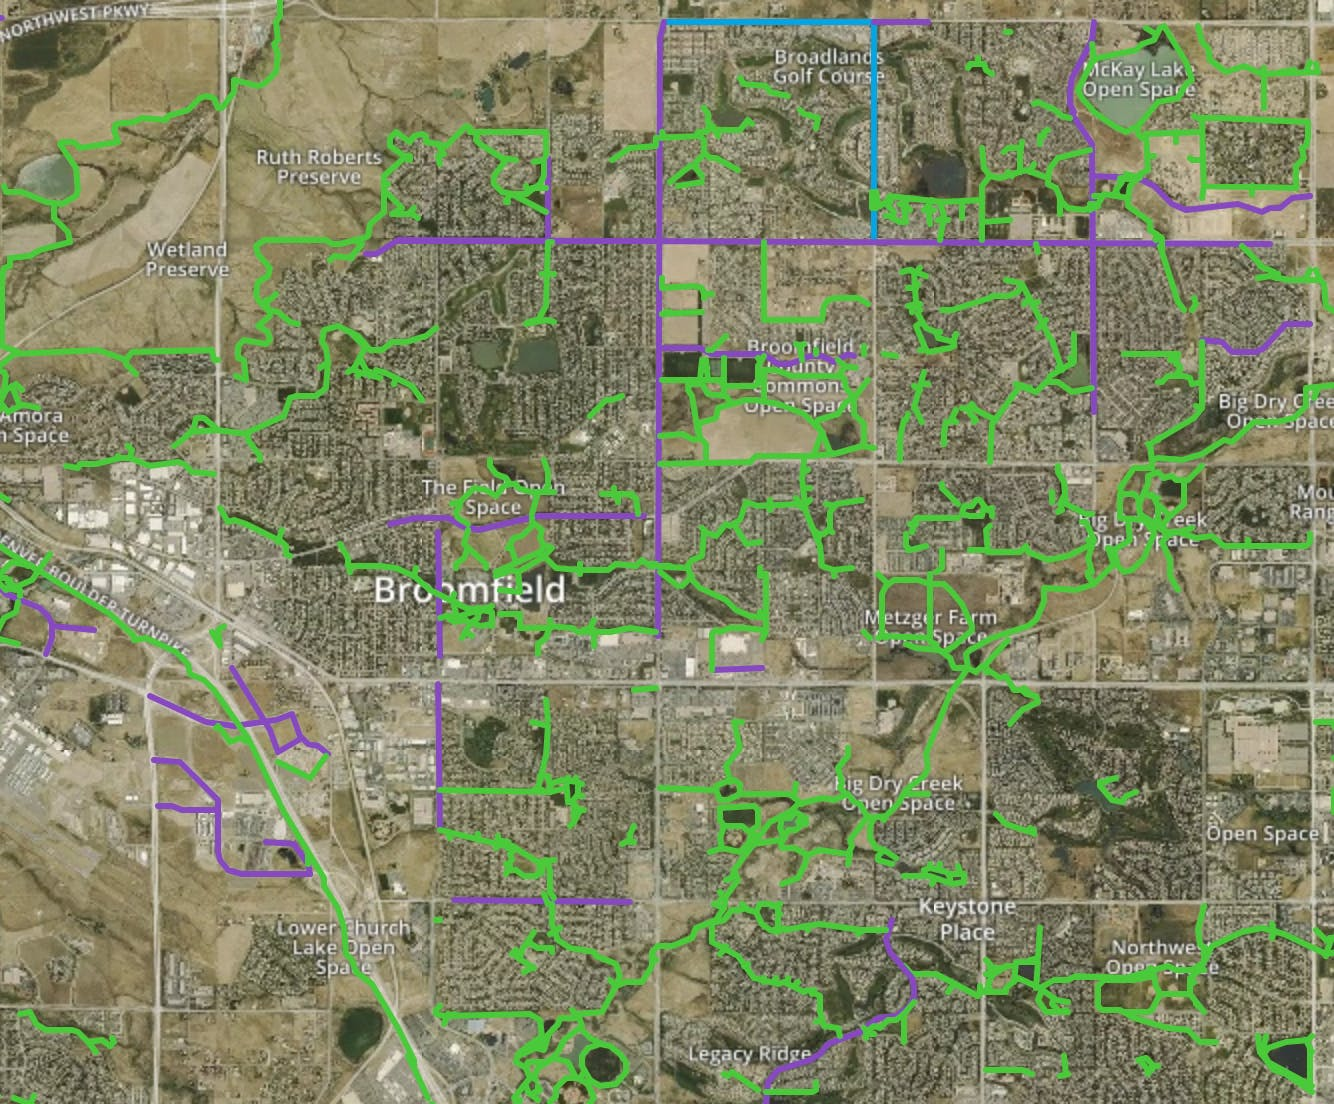 Bike paths in Broomfield, Colorado